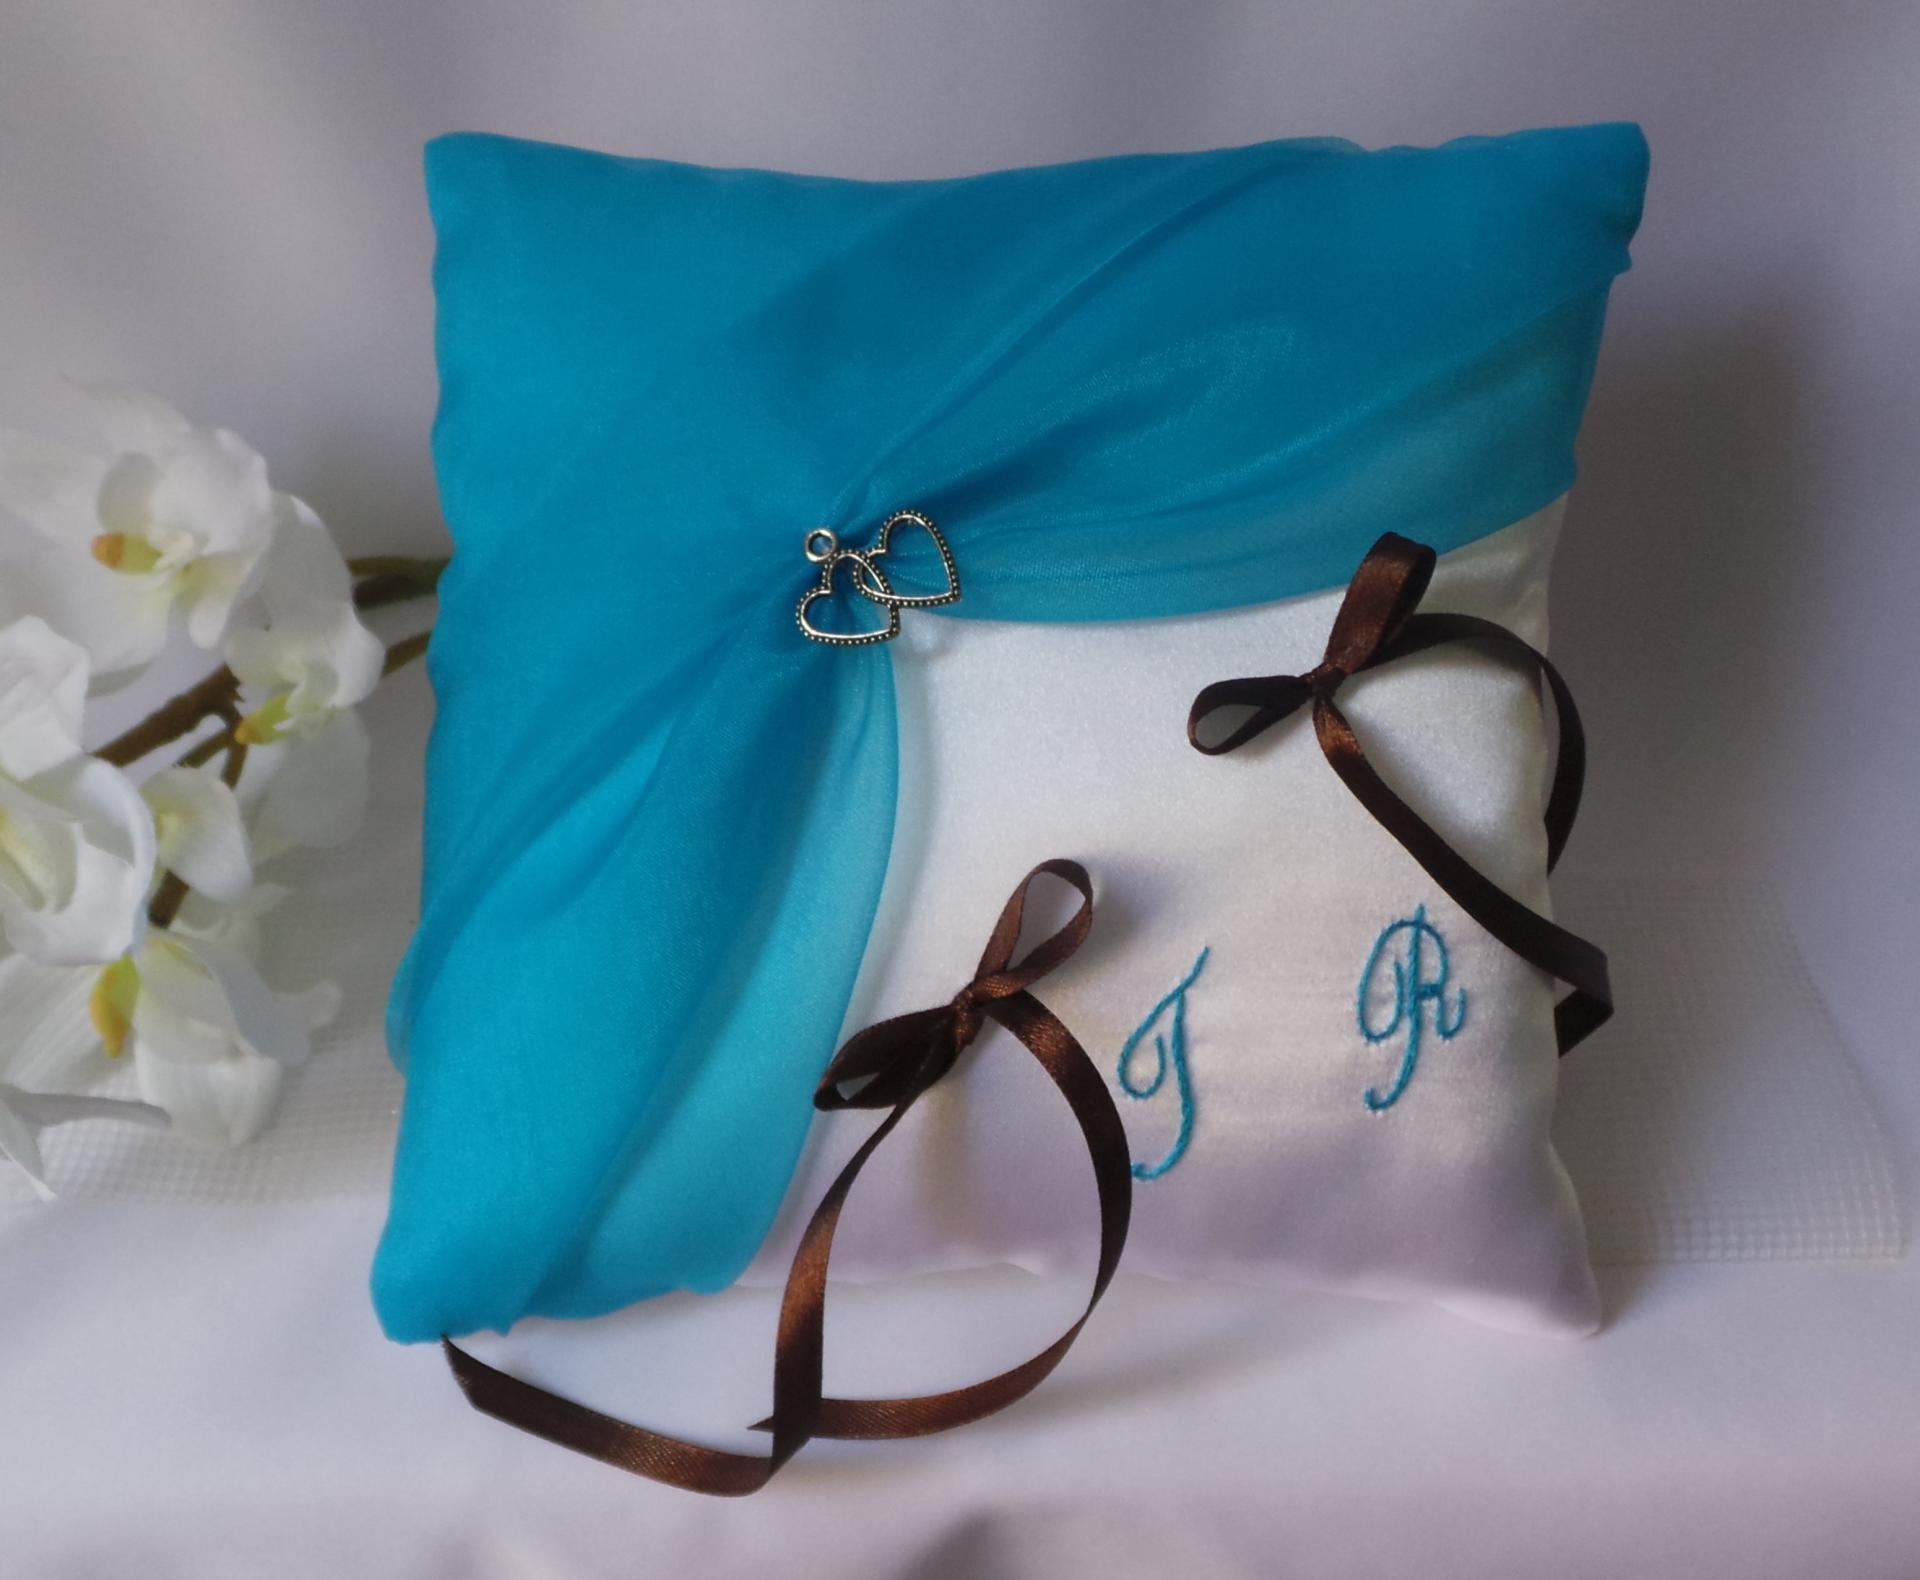 Coussin alliances chic turquoise blanc ou ivoire personnalise marron chocolat 2